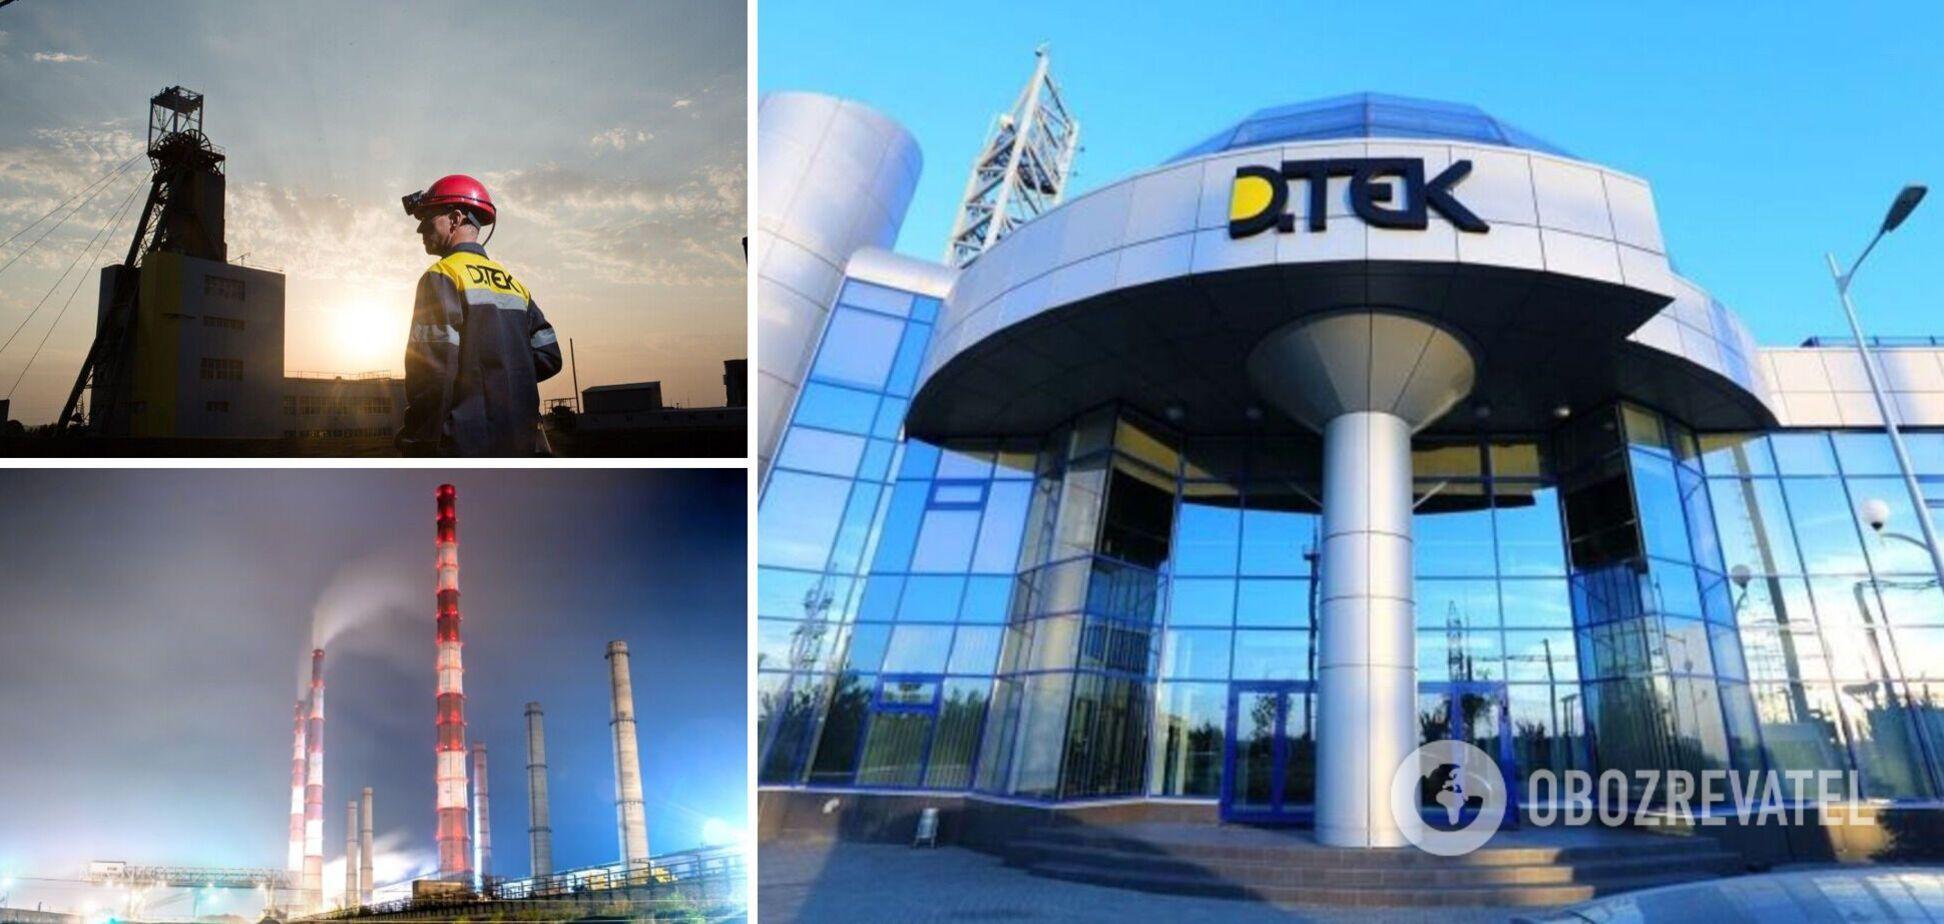 ДТЕК інвестував у ремонти ТЕС 1,7 млрд грн для підготовки до опалювального сезону